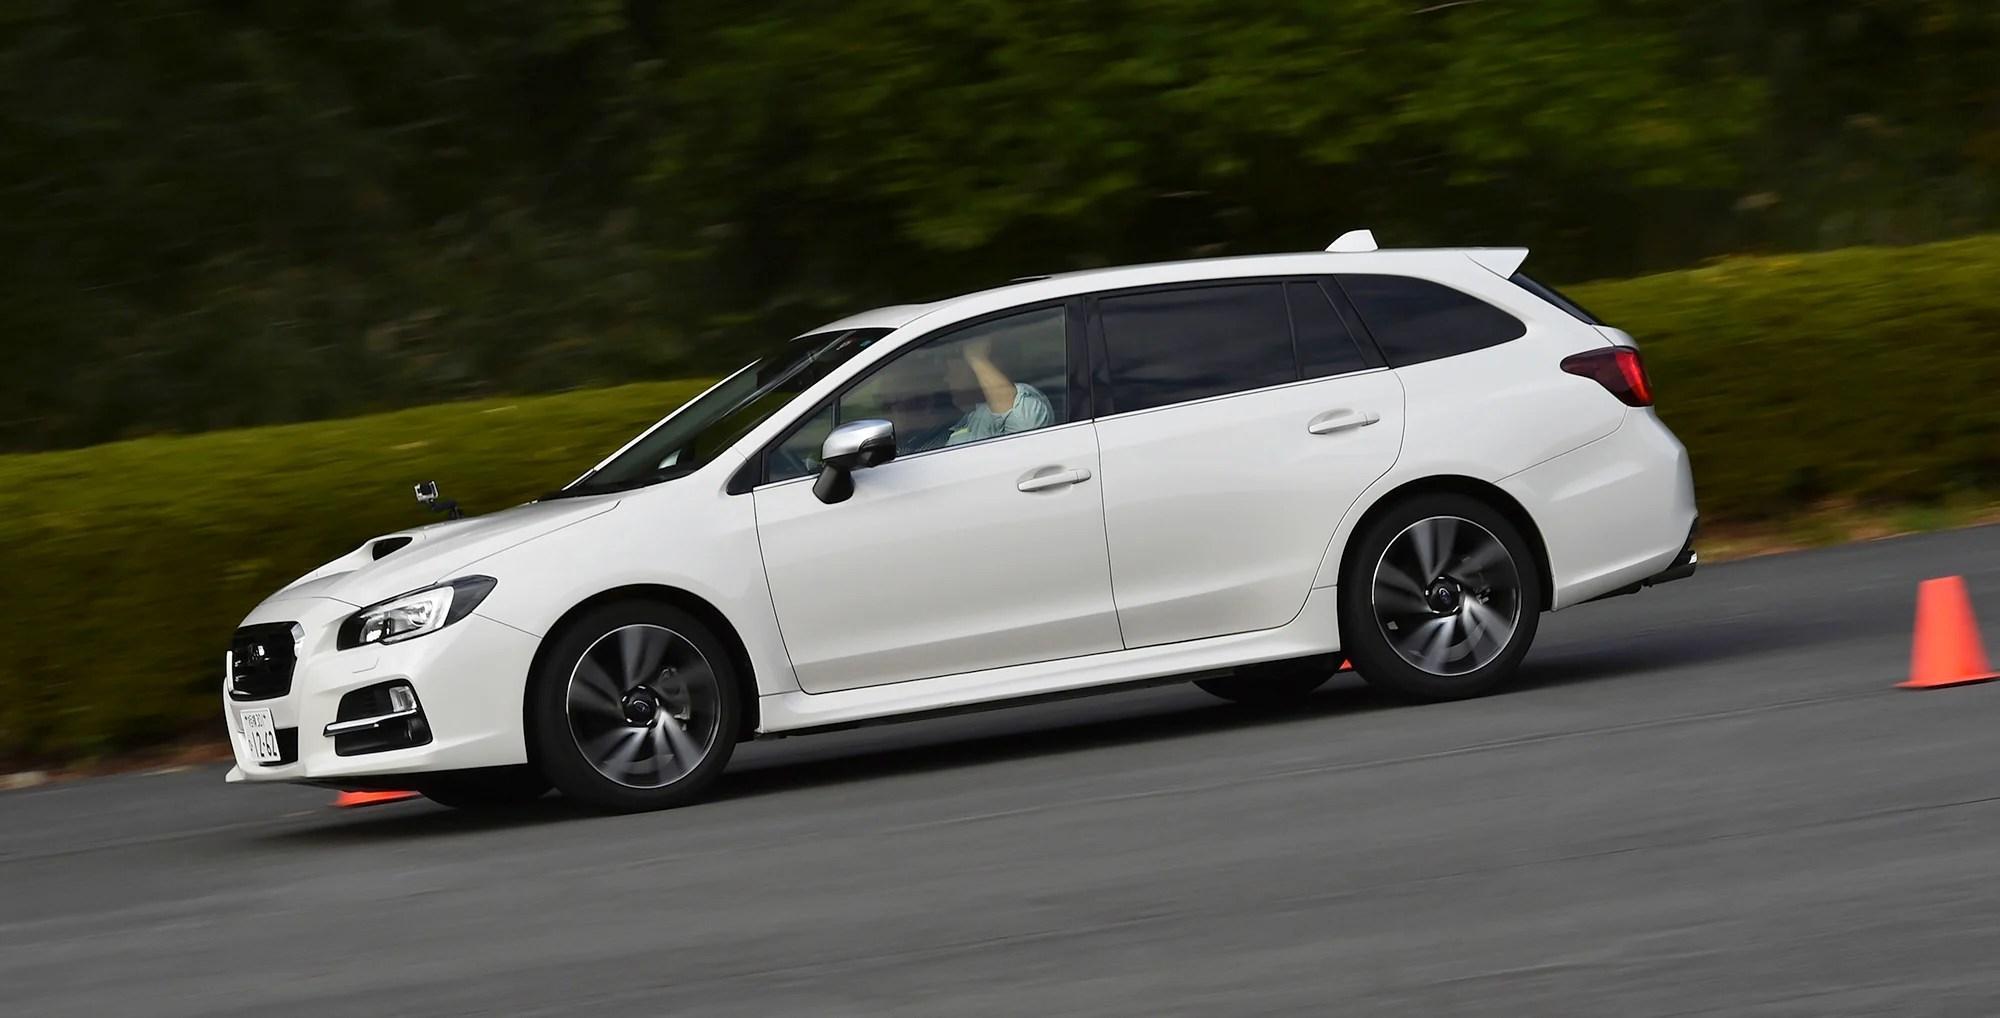 2016 Subaru Levorg Gt Review Photos Caradvice